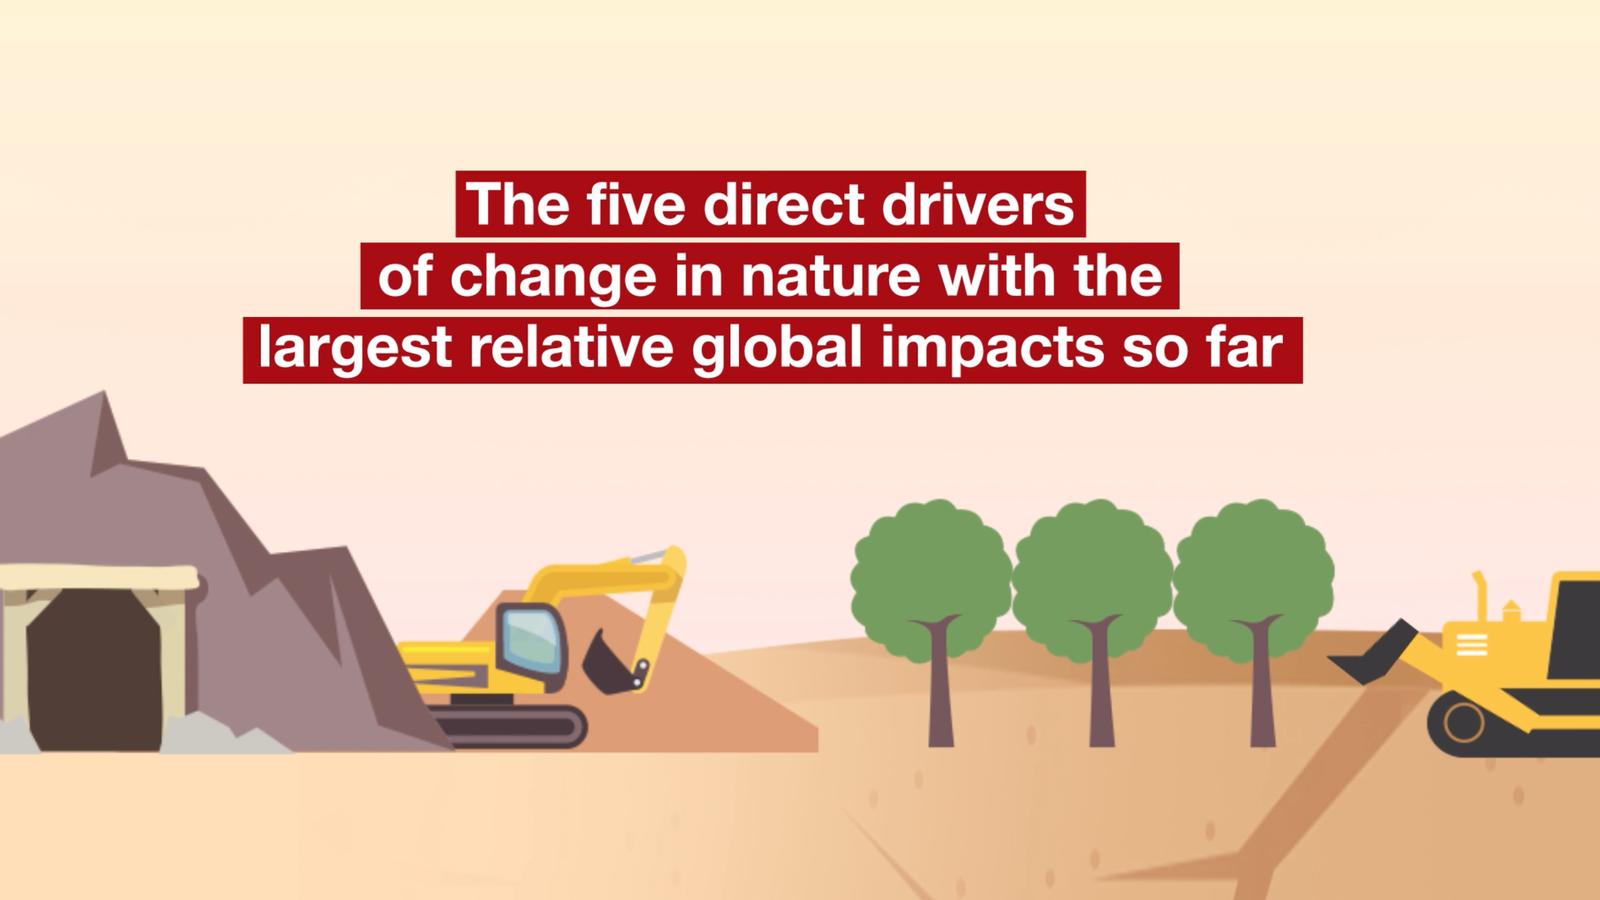 Avaluació Global de la Biodiversitat. Animació de l'IPBES: 5 causes dels impactes.